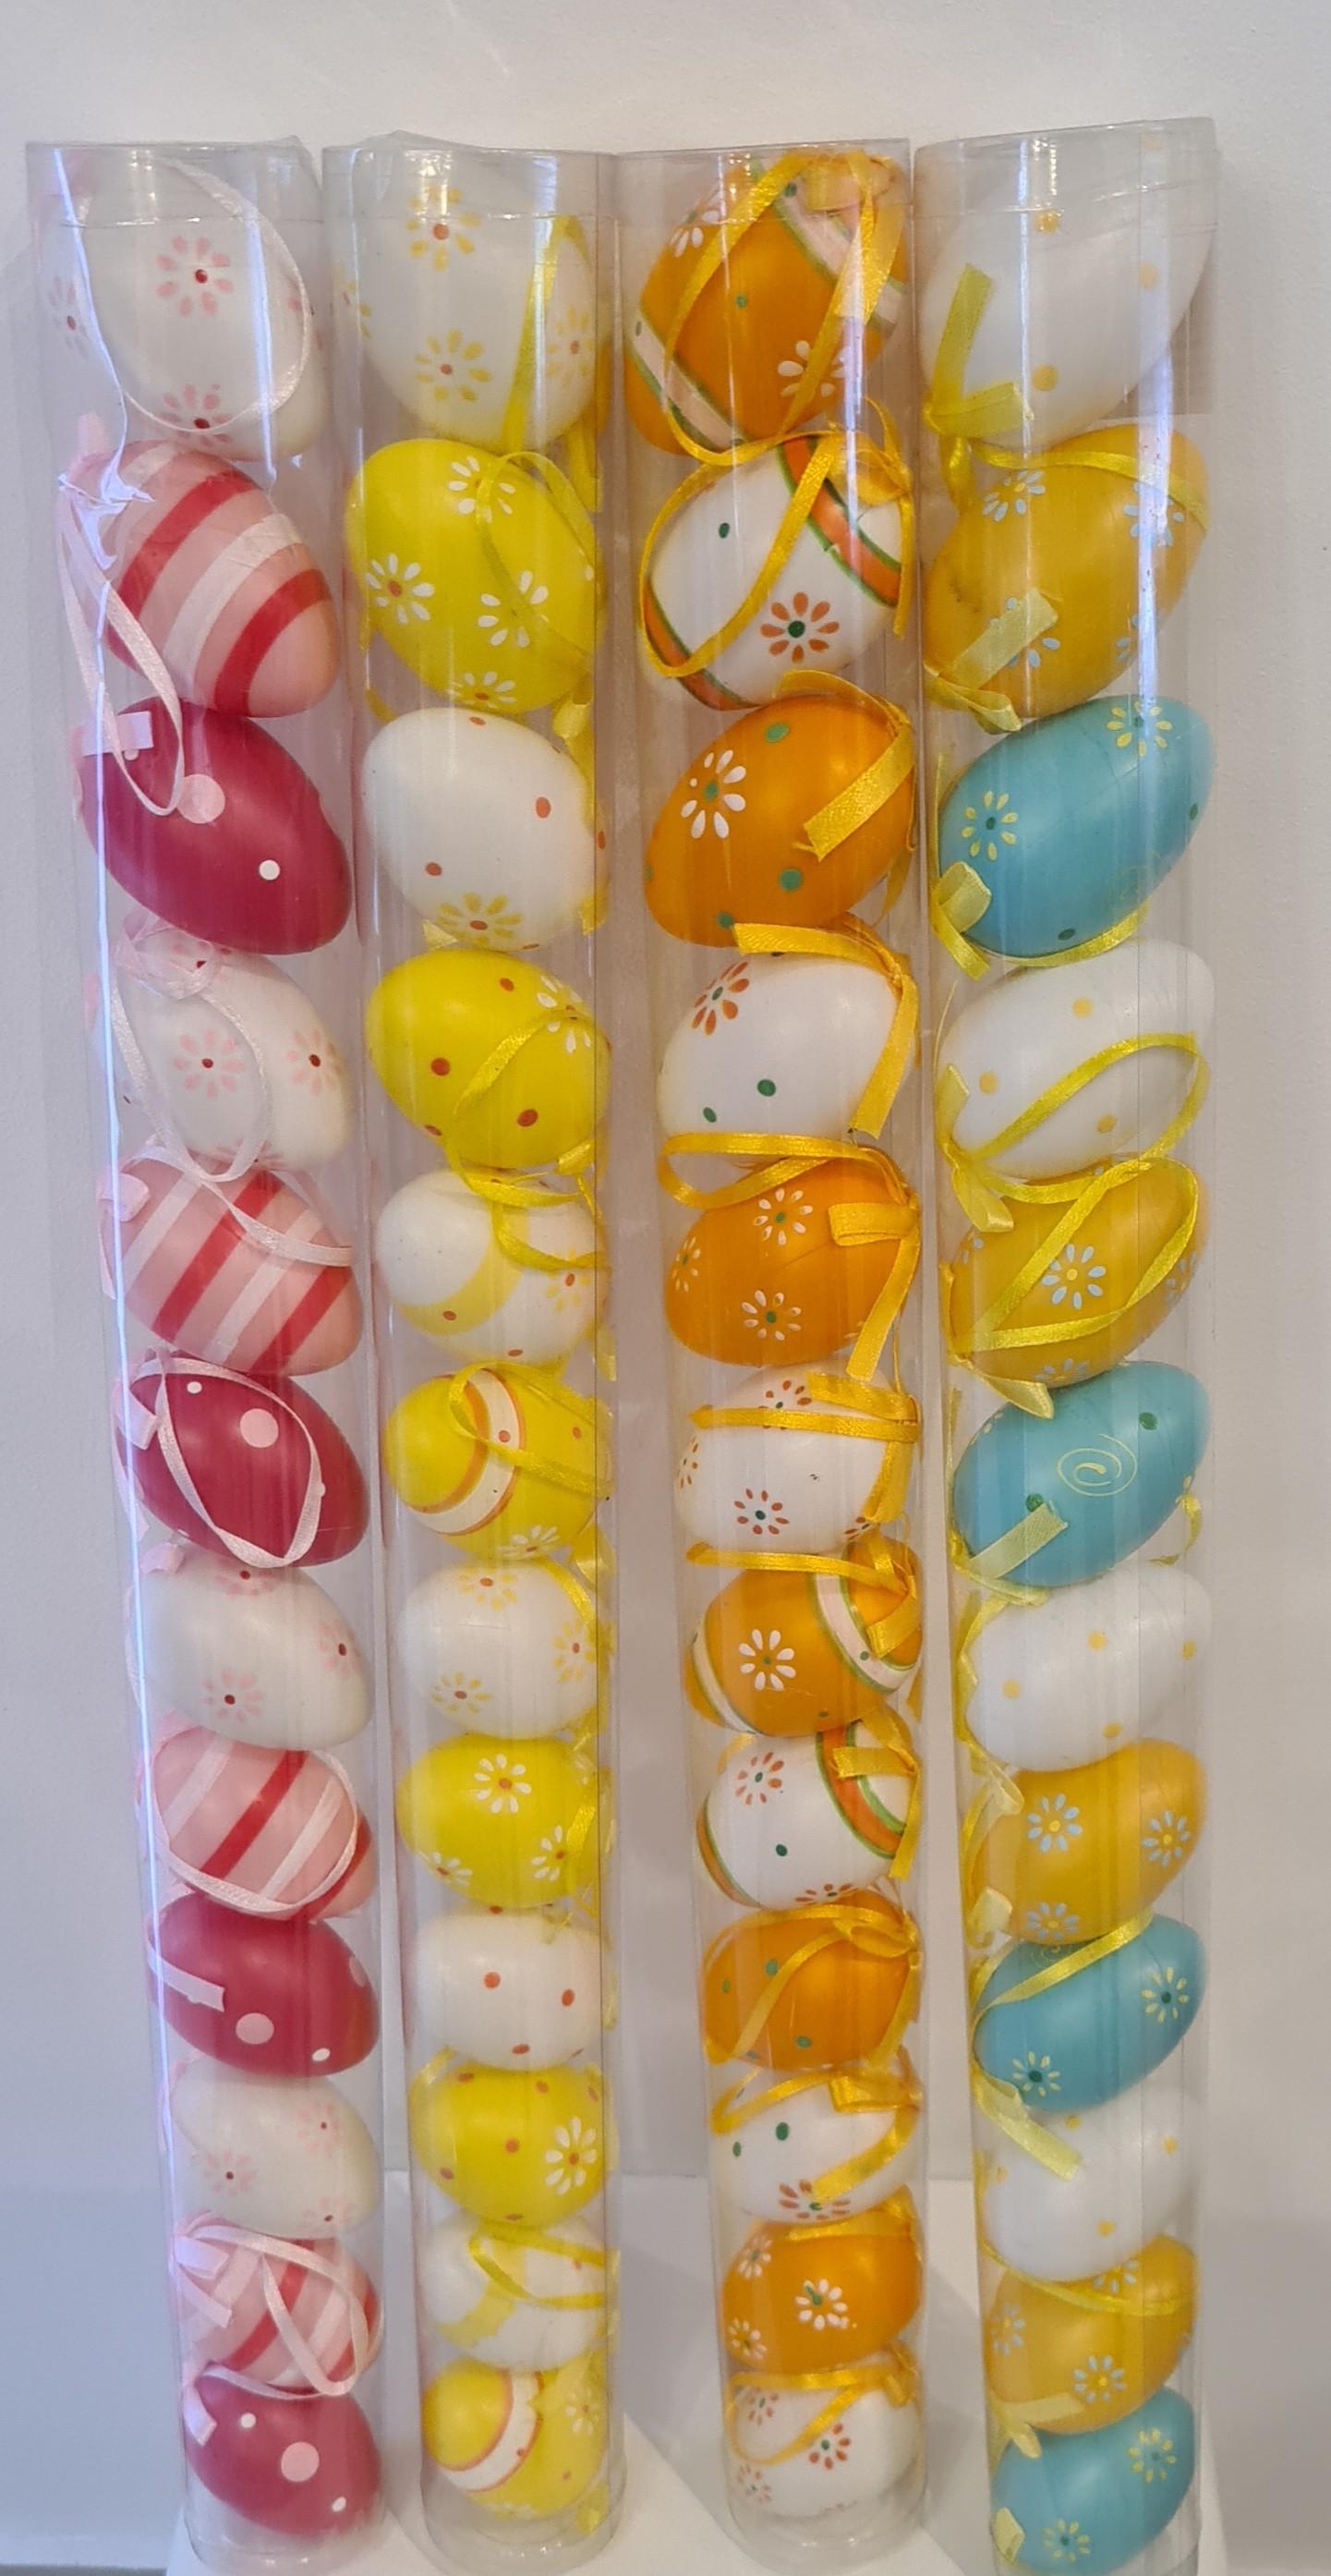 Lot de 12 oeufs en plastique 4 modèles assortis